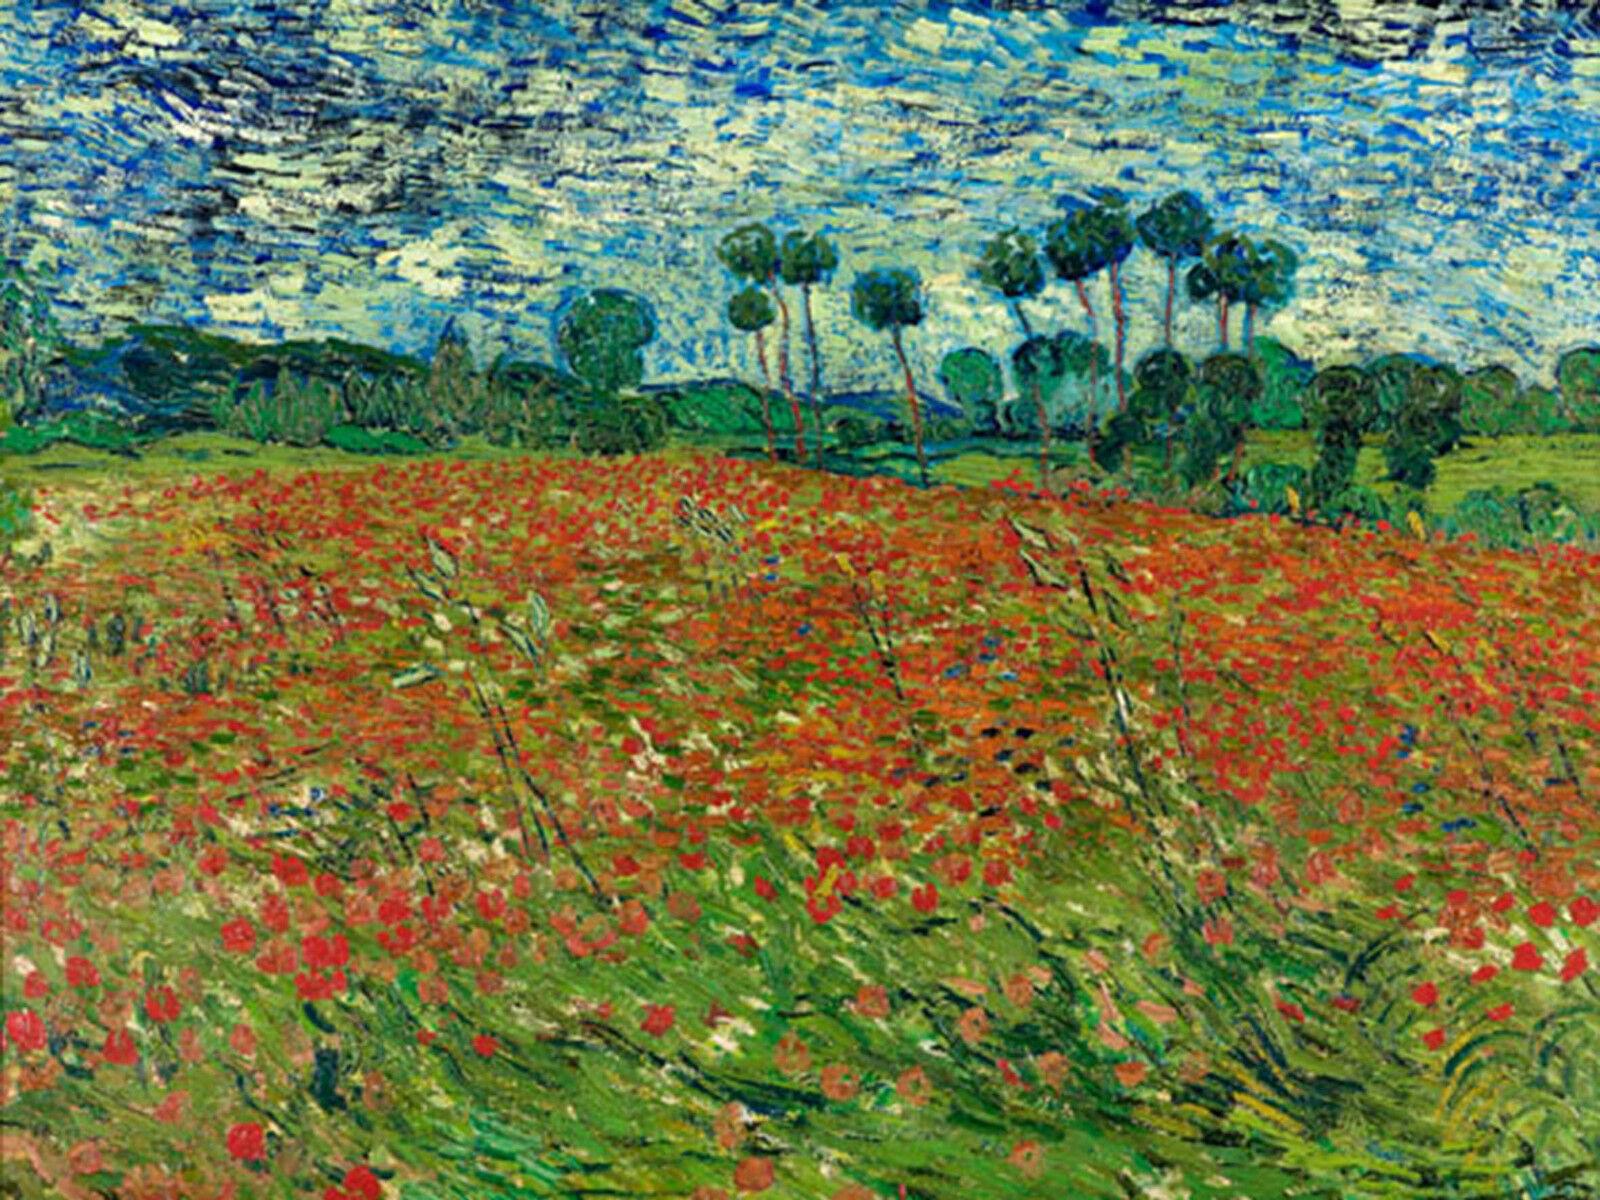 Quadro su Pannello in Legno MDF Vincent Van Gogh Poppy Poppy Poppy field | Vente  2cad68